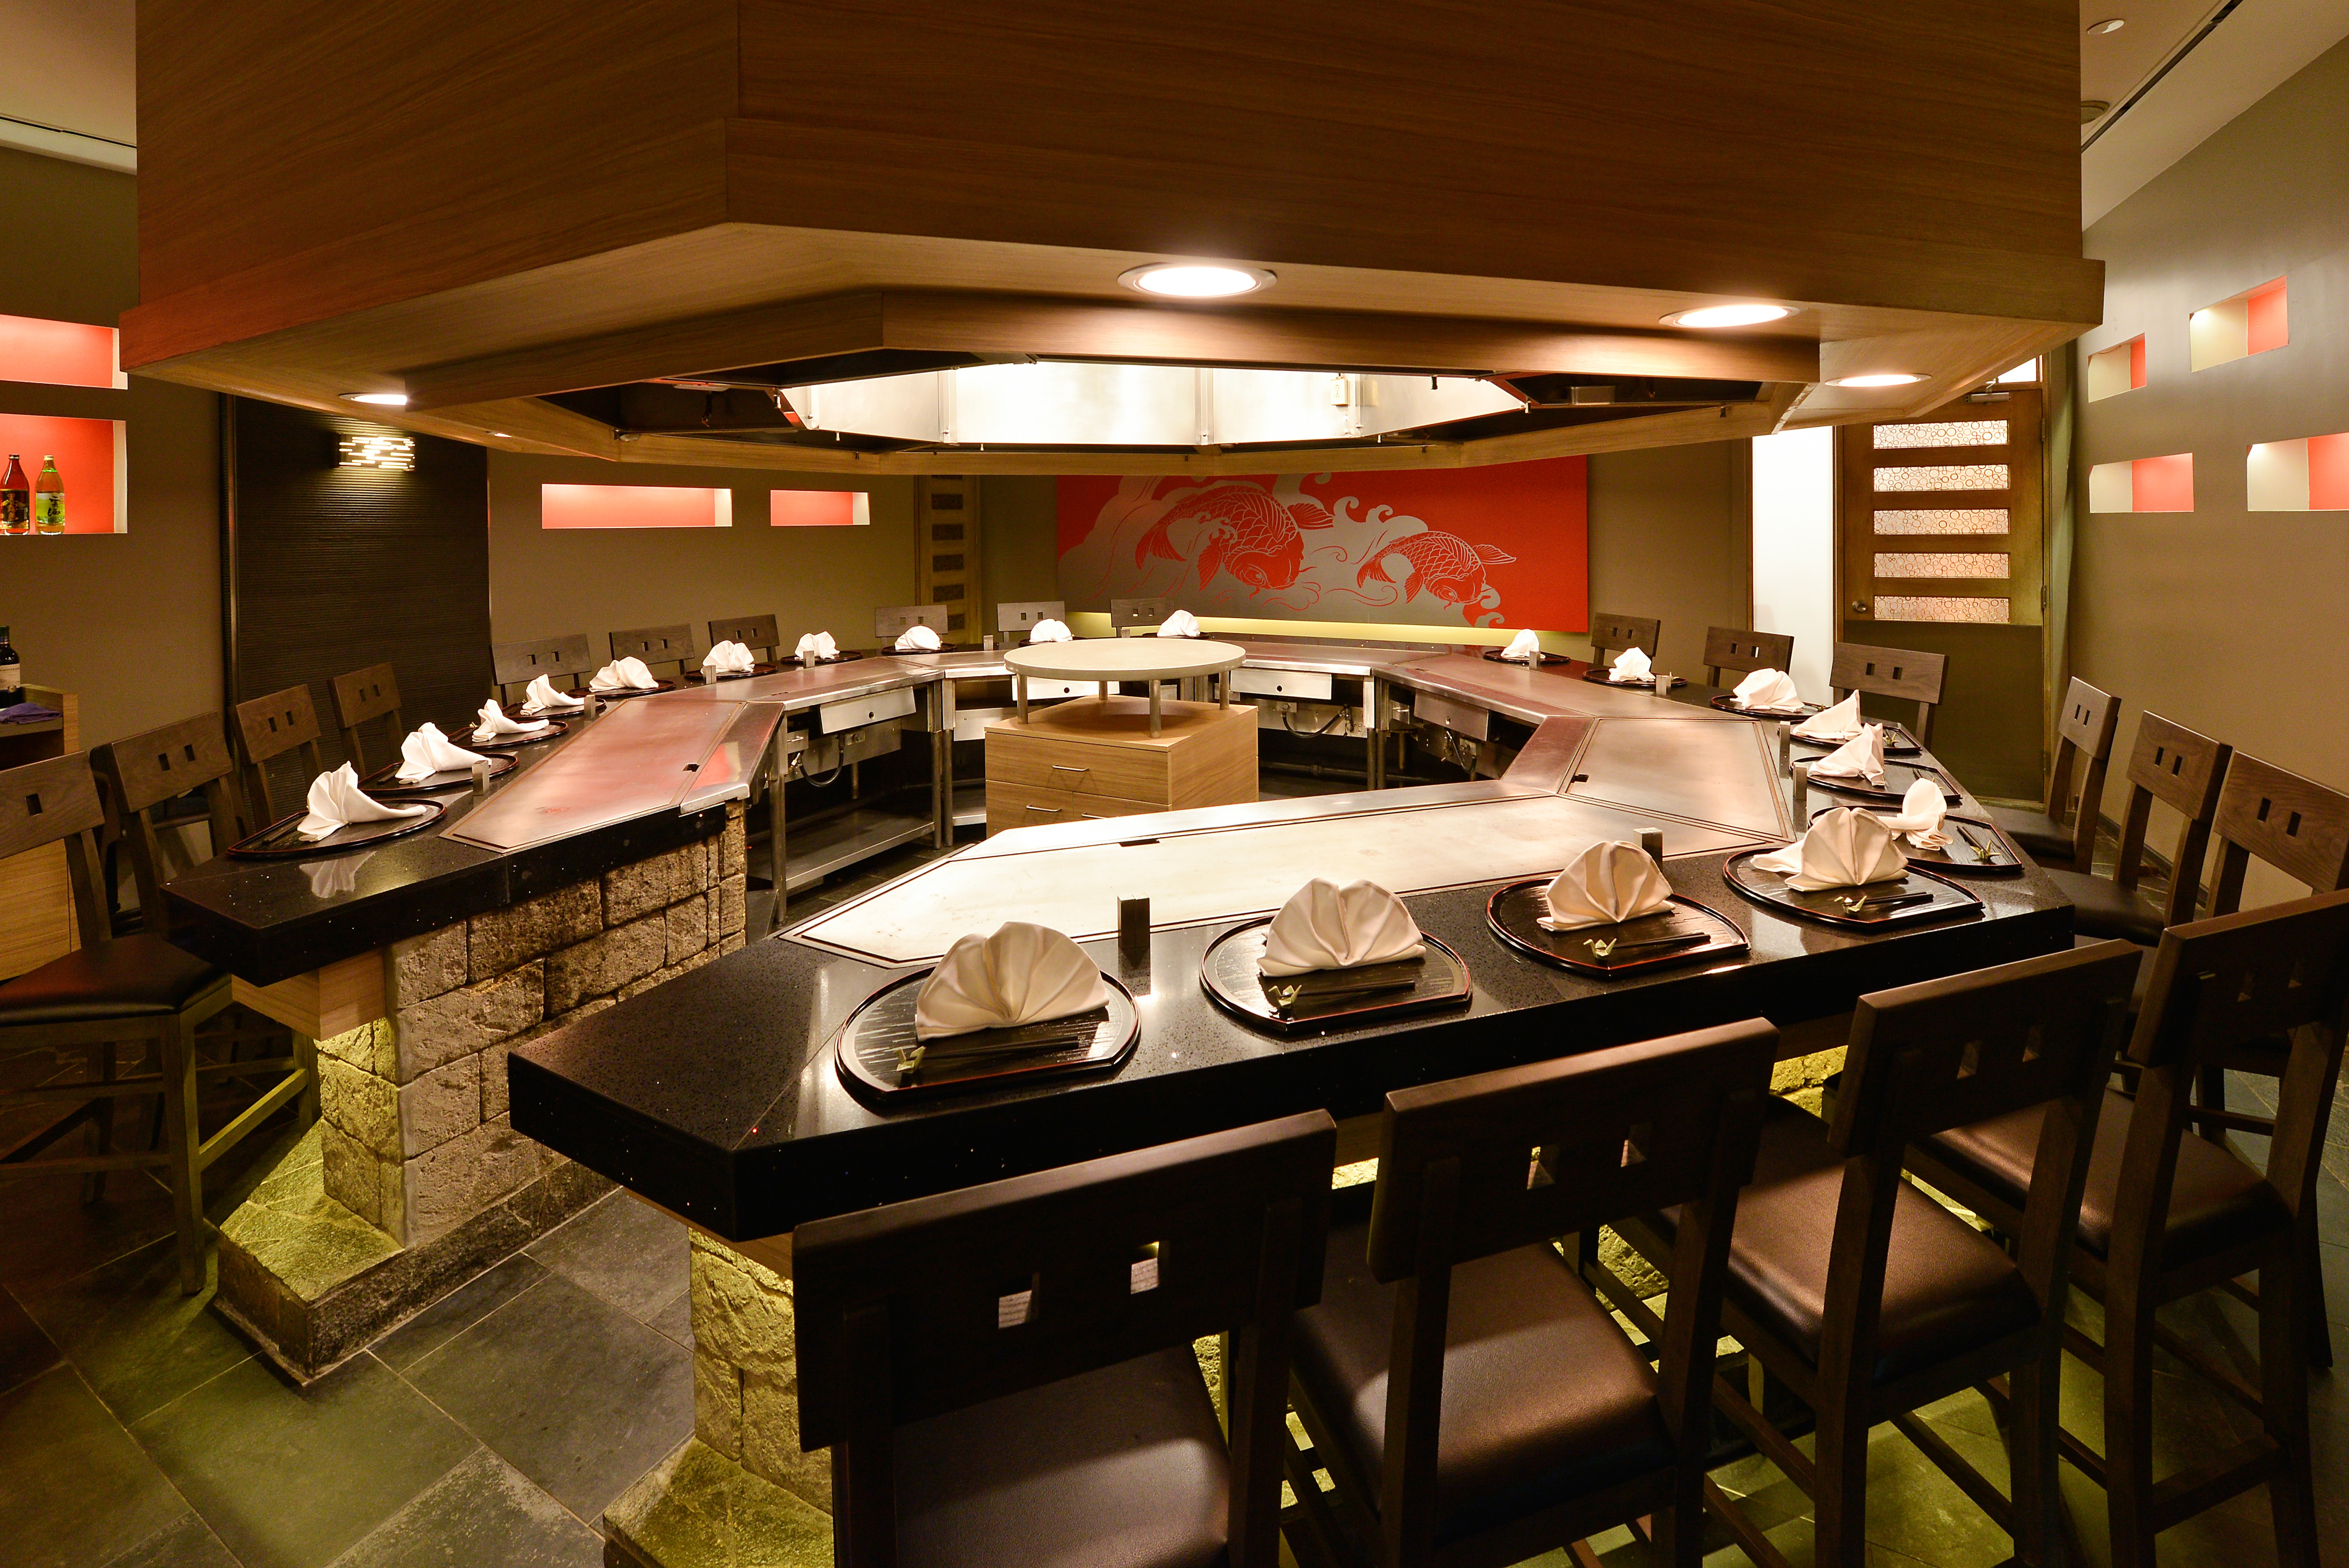 舞鉄板焼きレストラン